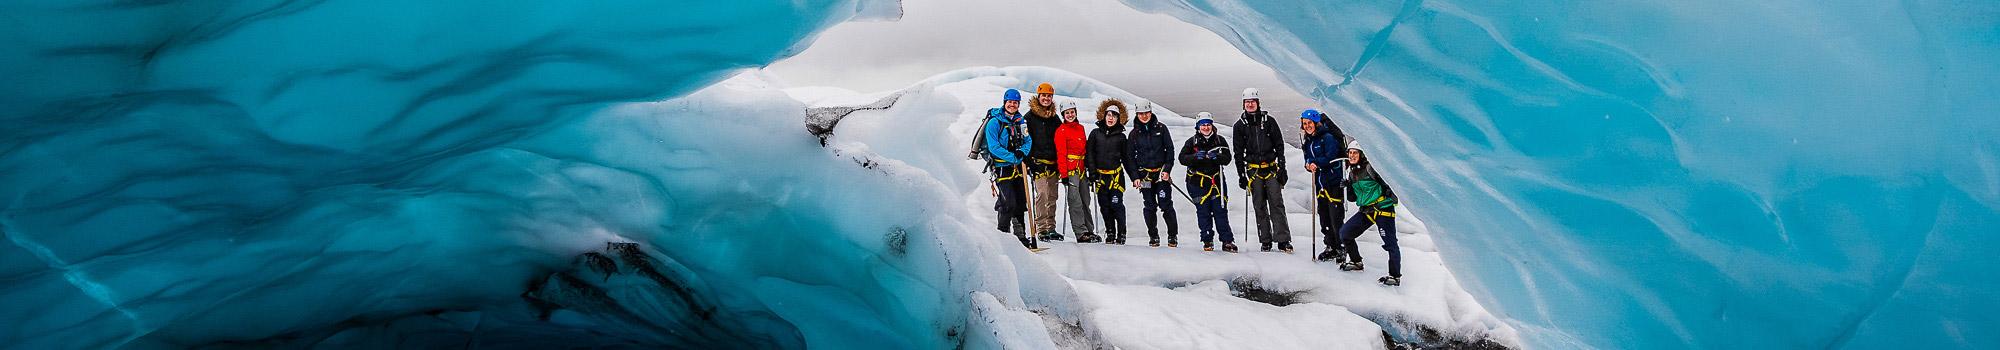 Randonnée glaciaire en Islande